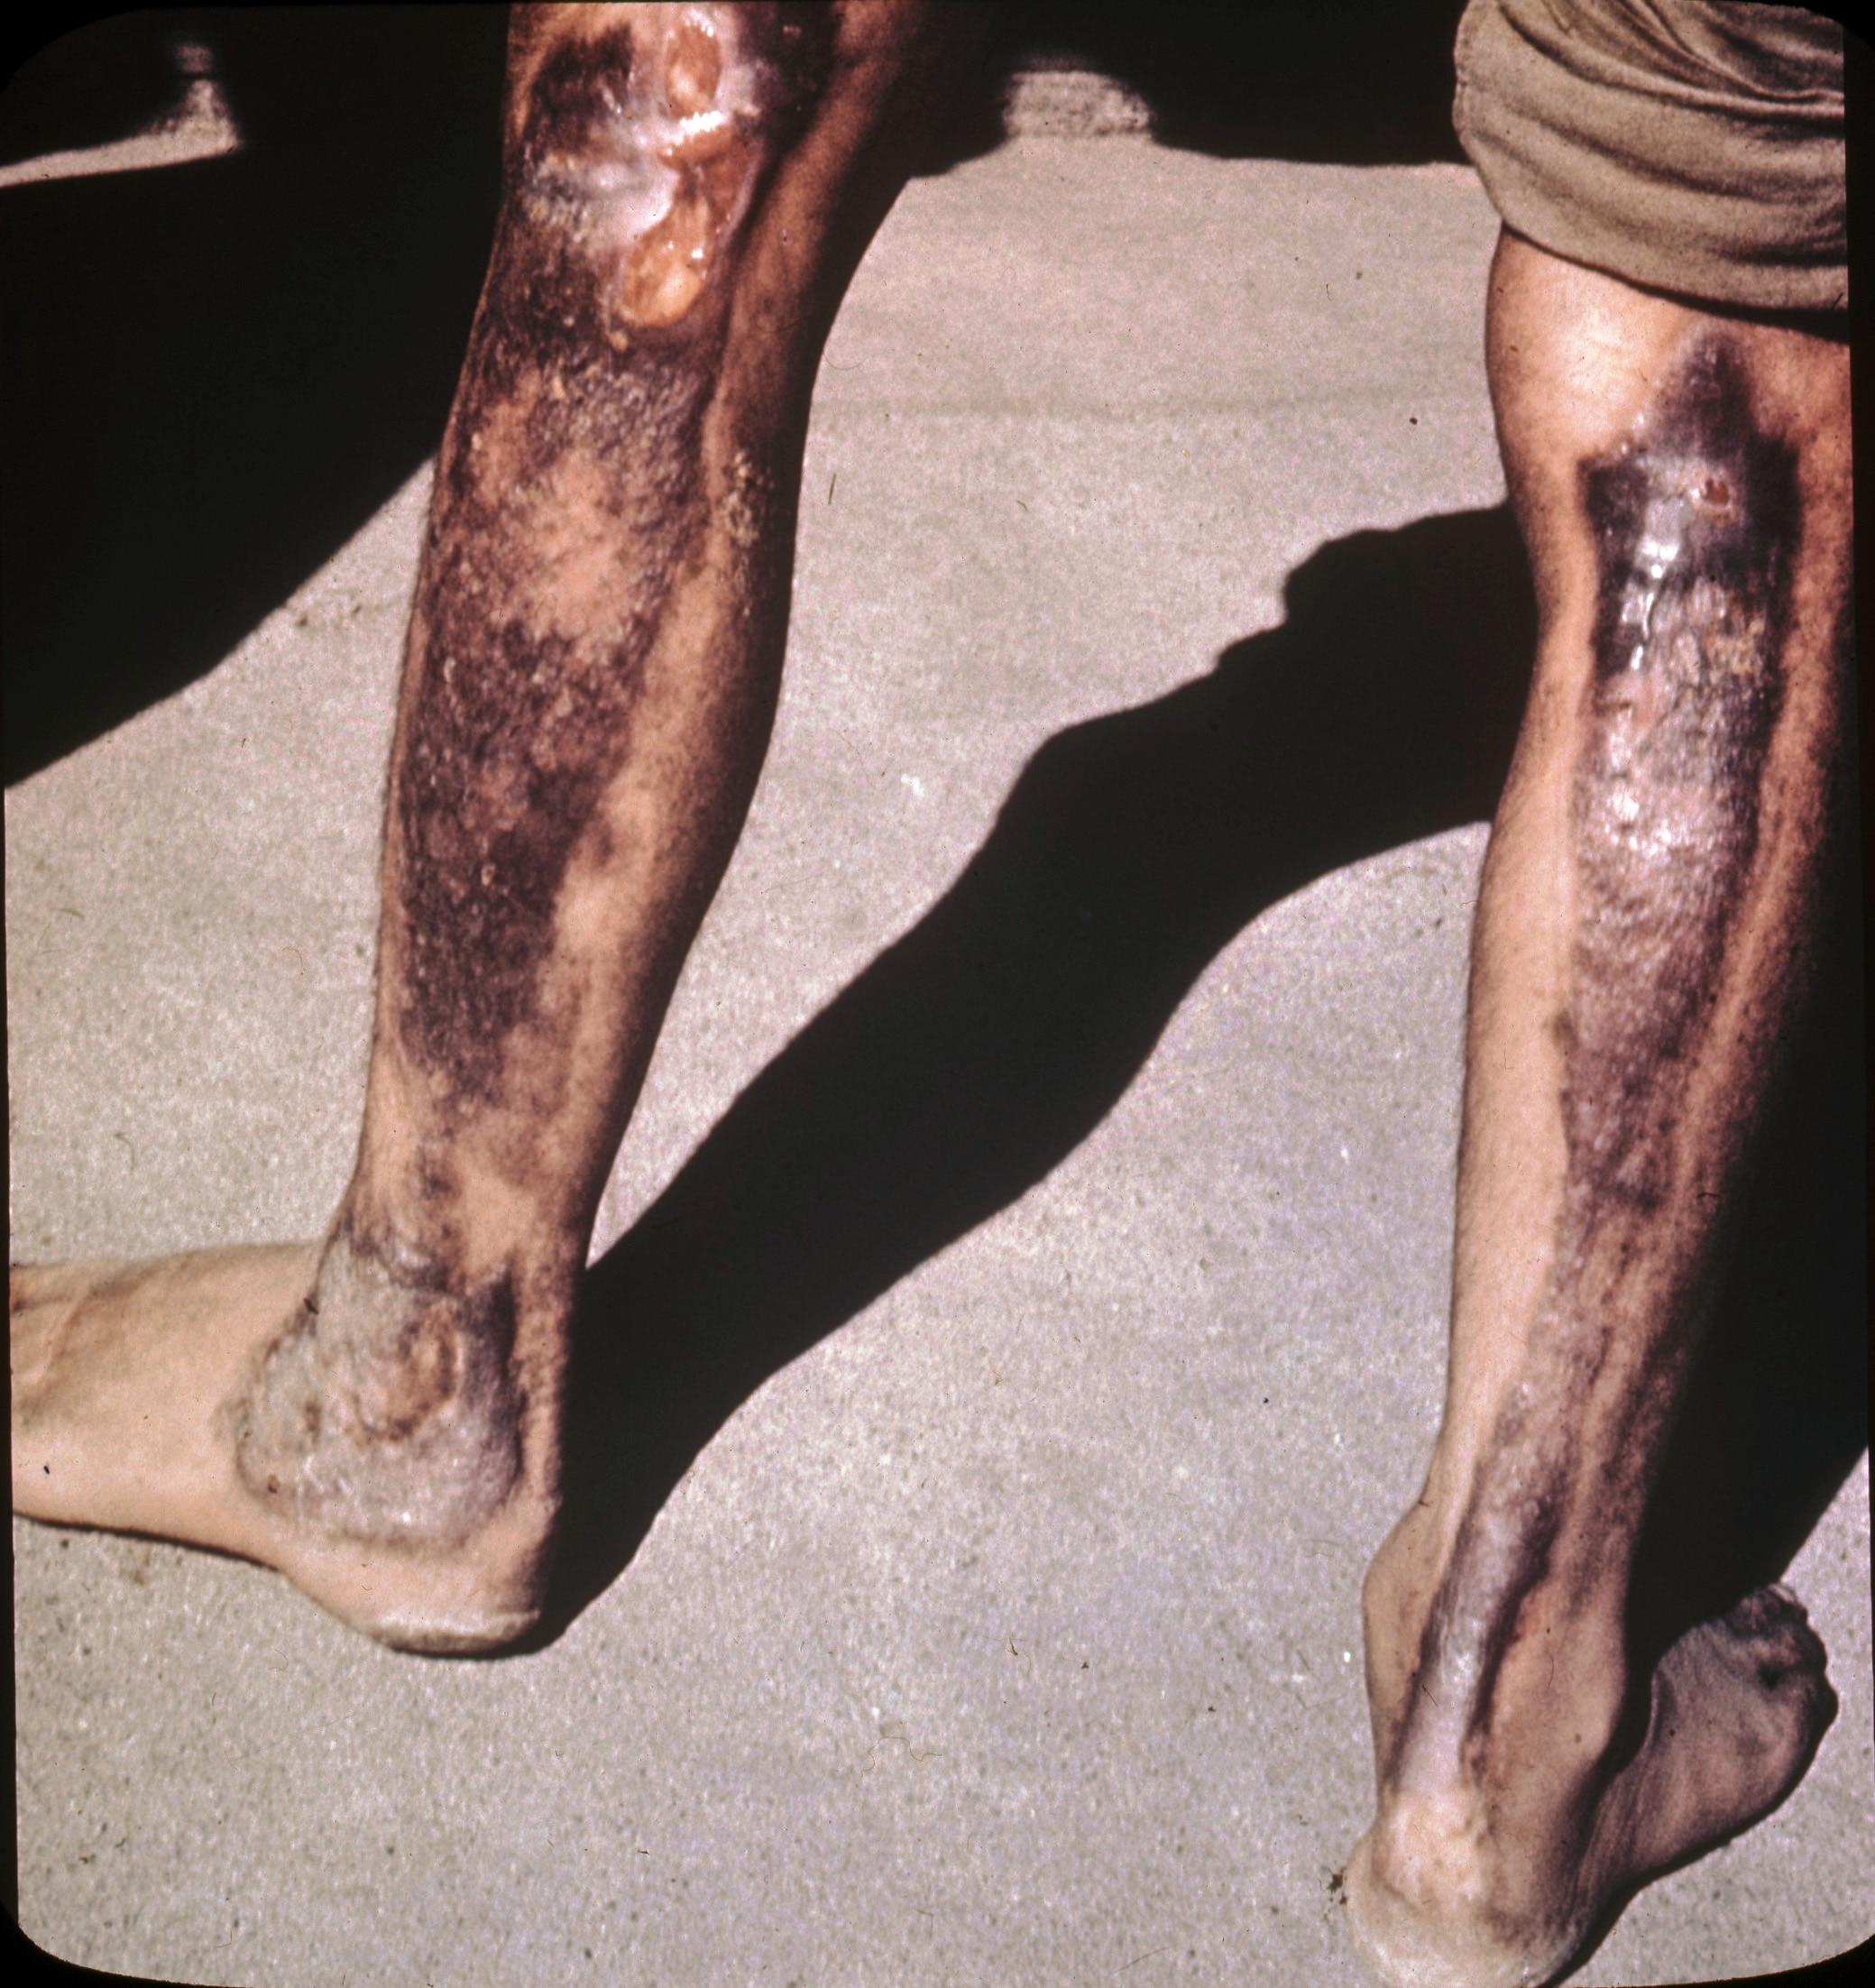 परमाणु बम से निकली गर्मी दूर खड़े लोगों को भी इस तरह झुलसा देती है. (फोटोःविकिमीडिया कॉमन्स)